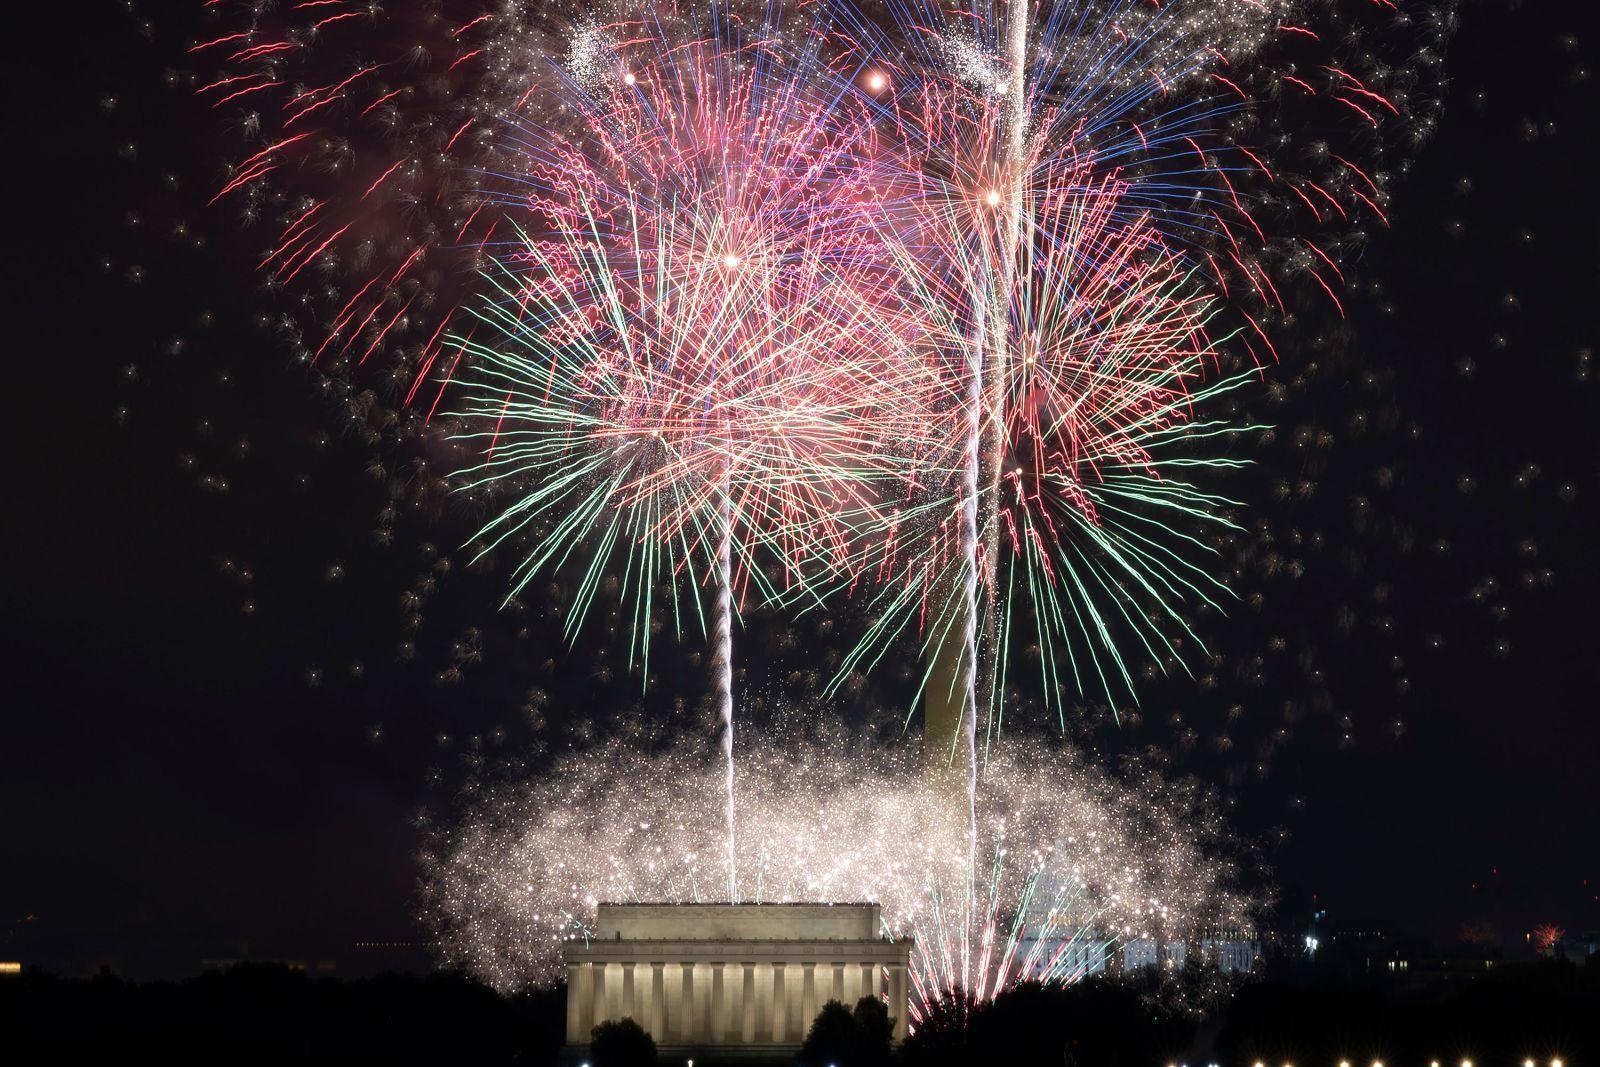 Hình ảnh Mỹ 'hồi sinh' các hoạt động ngoài trời dịp Quốc khánh